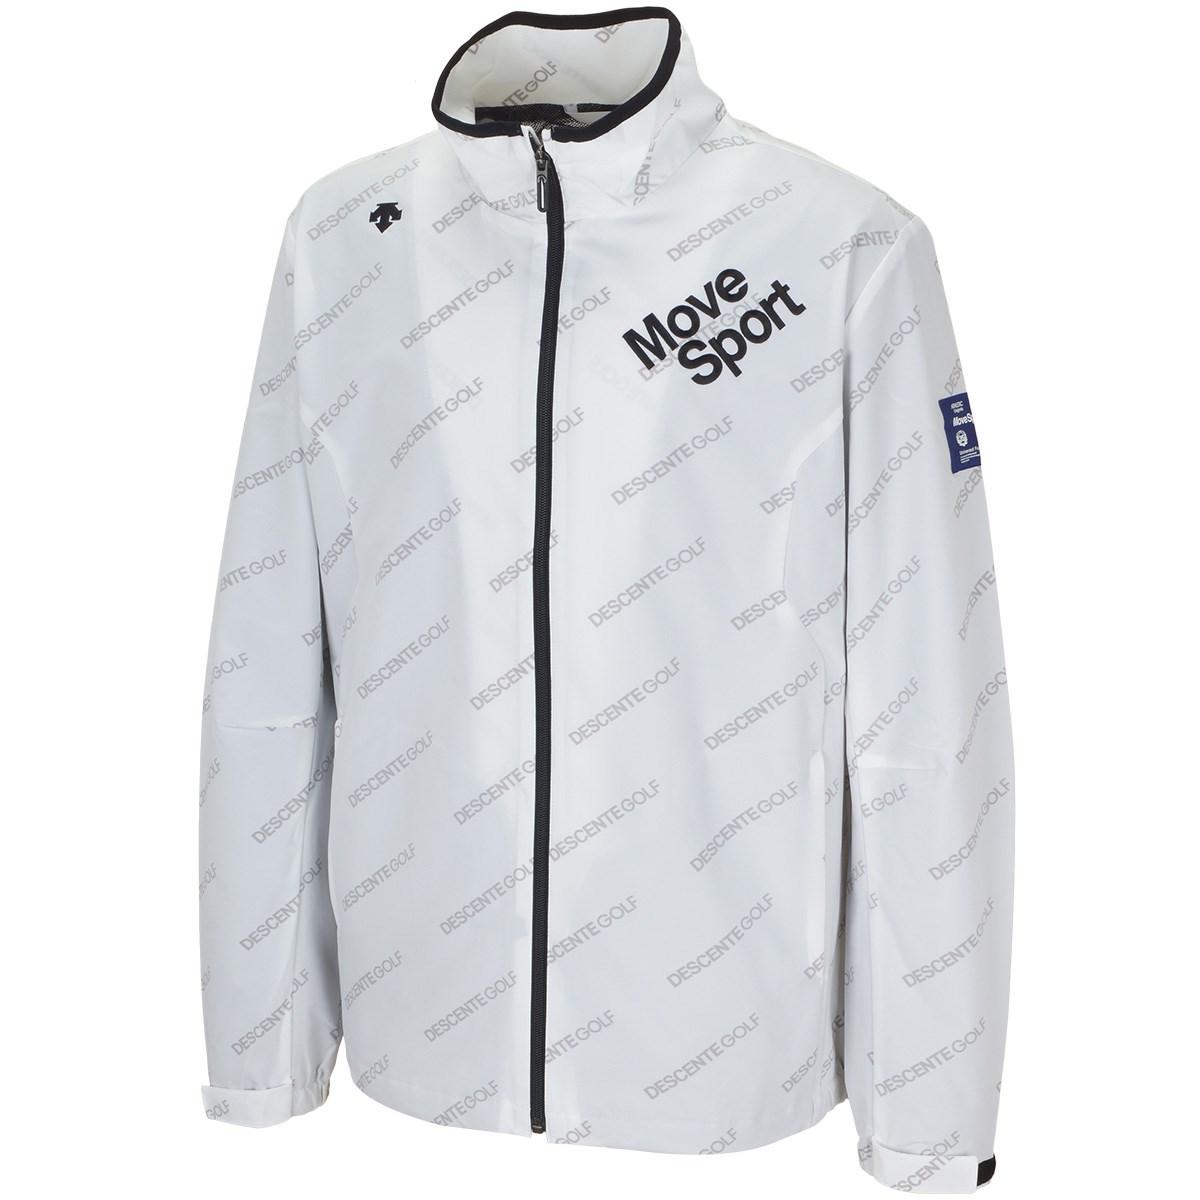 デサントゴルフ(DESCENTE GOLF) BLUELABEL 4WAYソロストレッチライジングロゴプリントジャケット